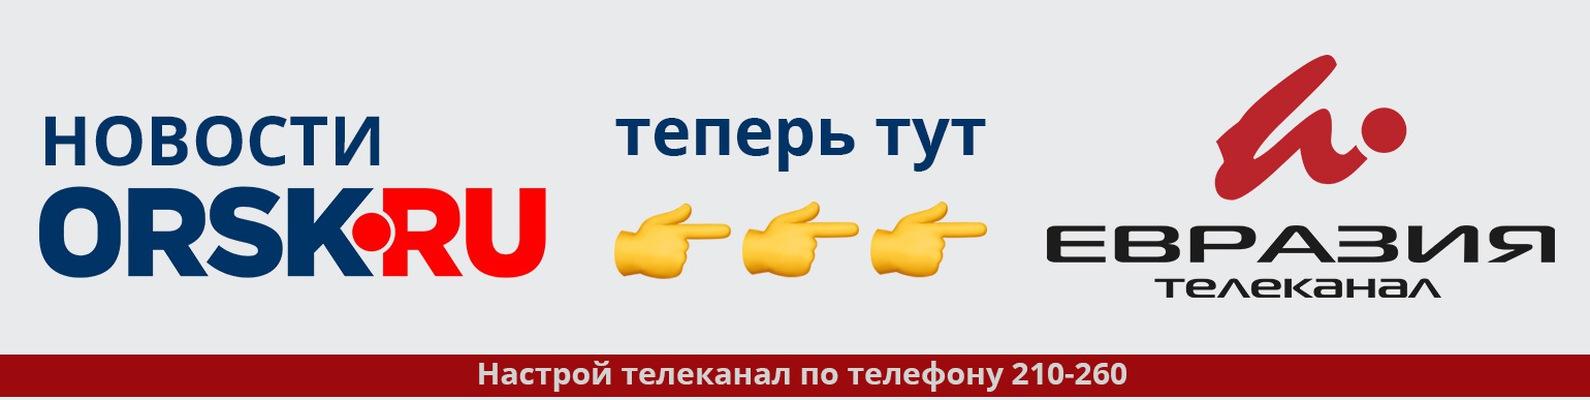 Орск ру главный сайт новости сегодня гадание на палочках онлайн